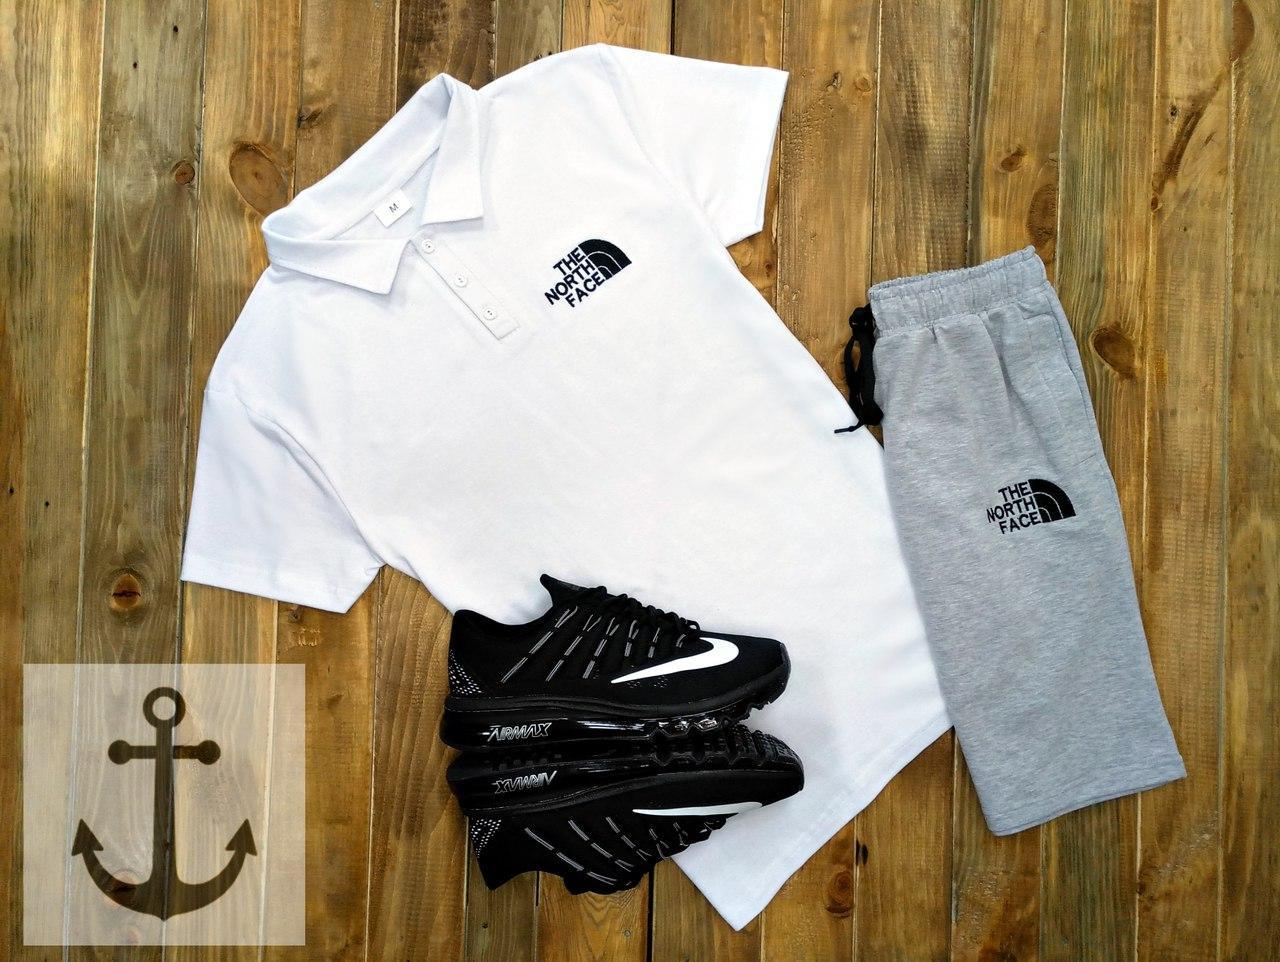 Мужская футболка (поло) в стиле The North Face белая (S, M, L, XL размеры)